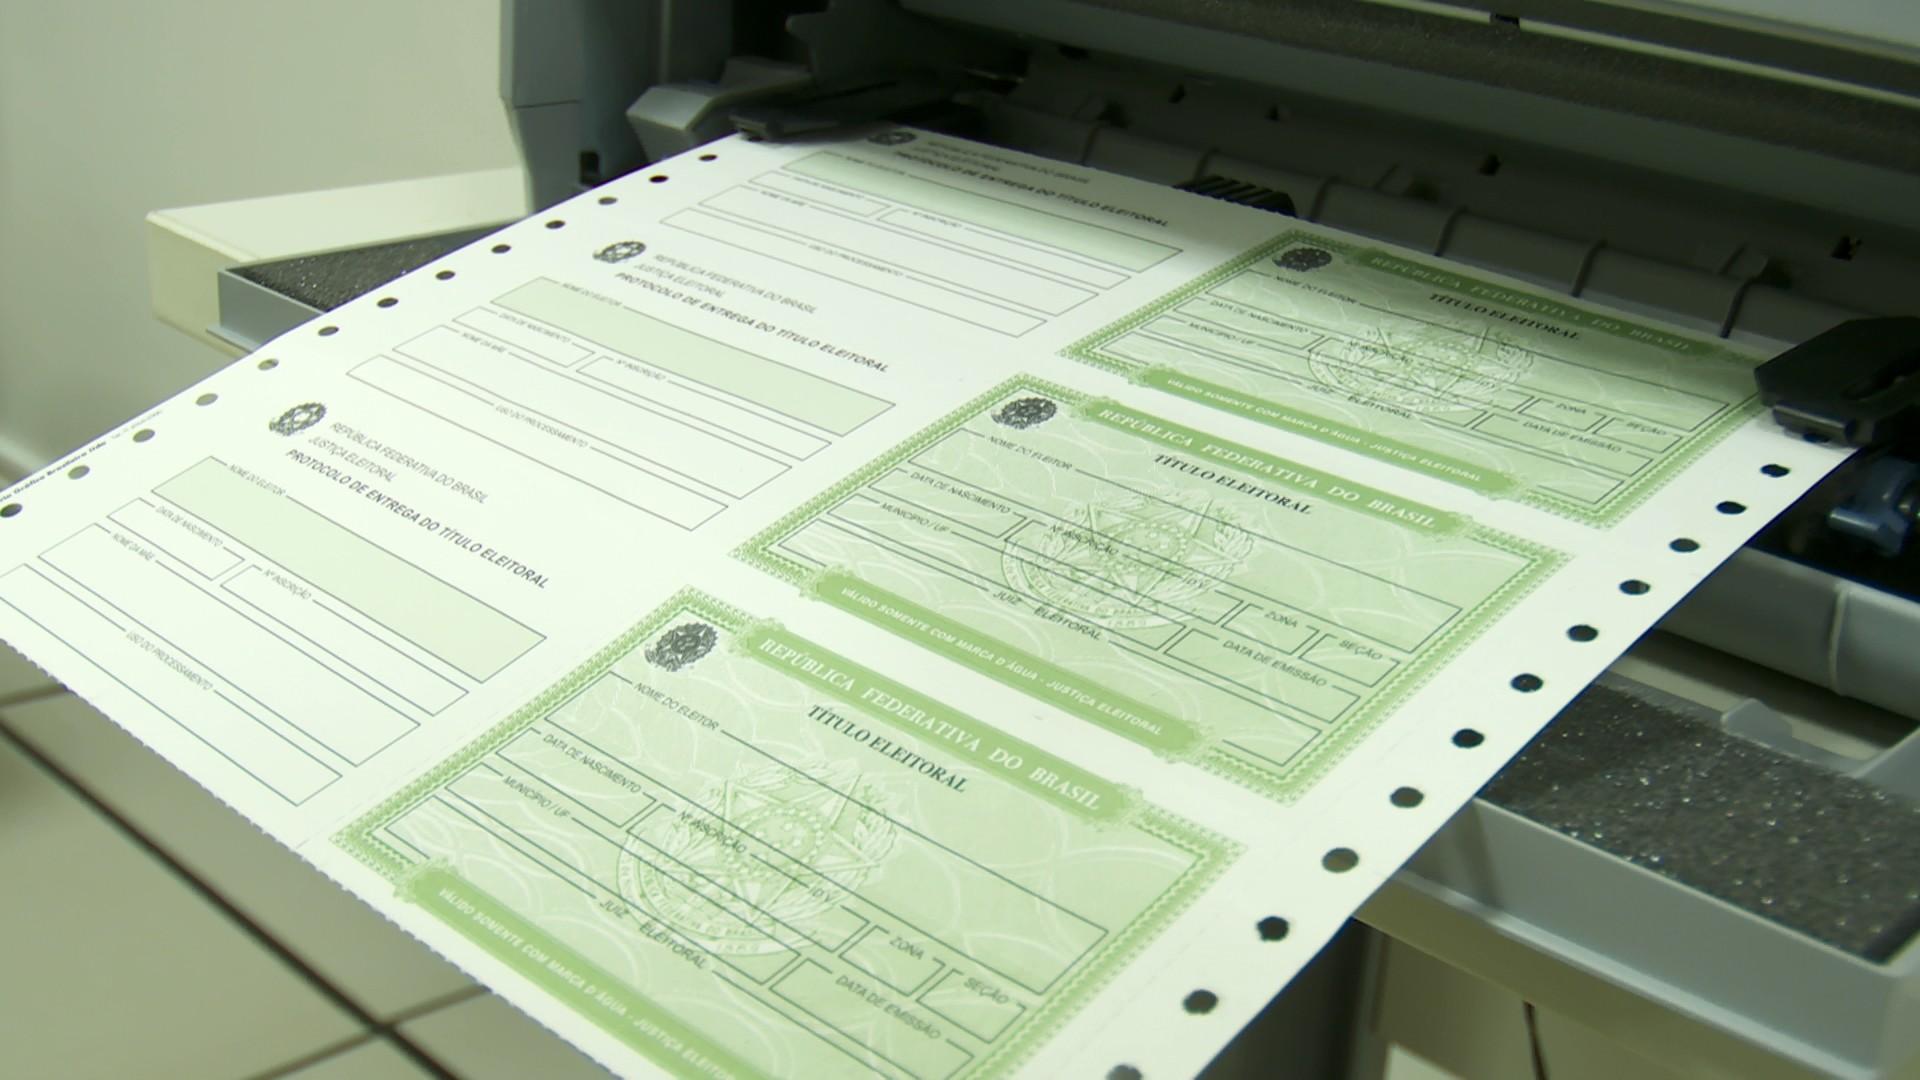 Prazo para cadastramento de título eleitoral no DF vai até maio; veja como fazer